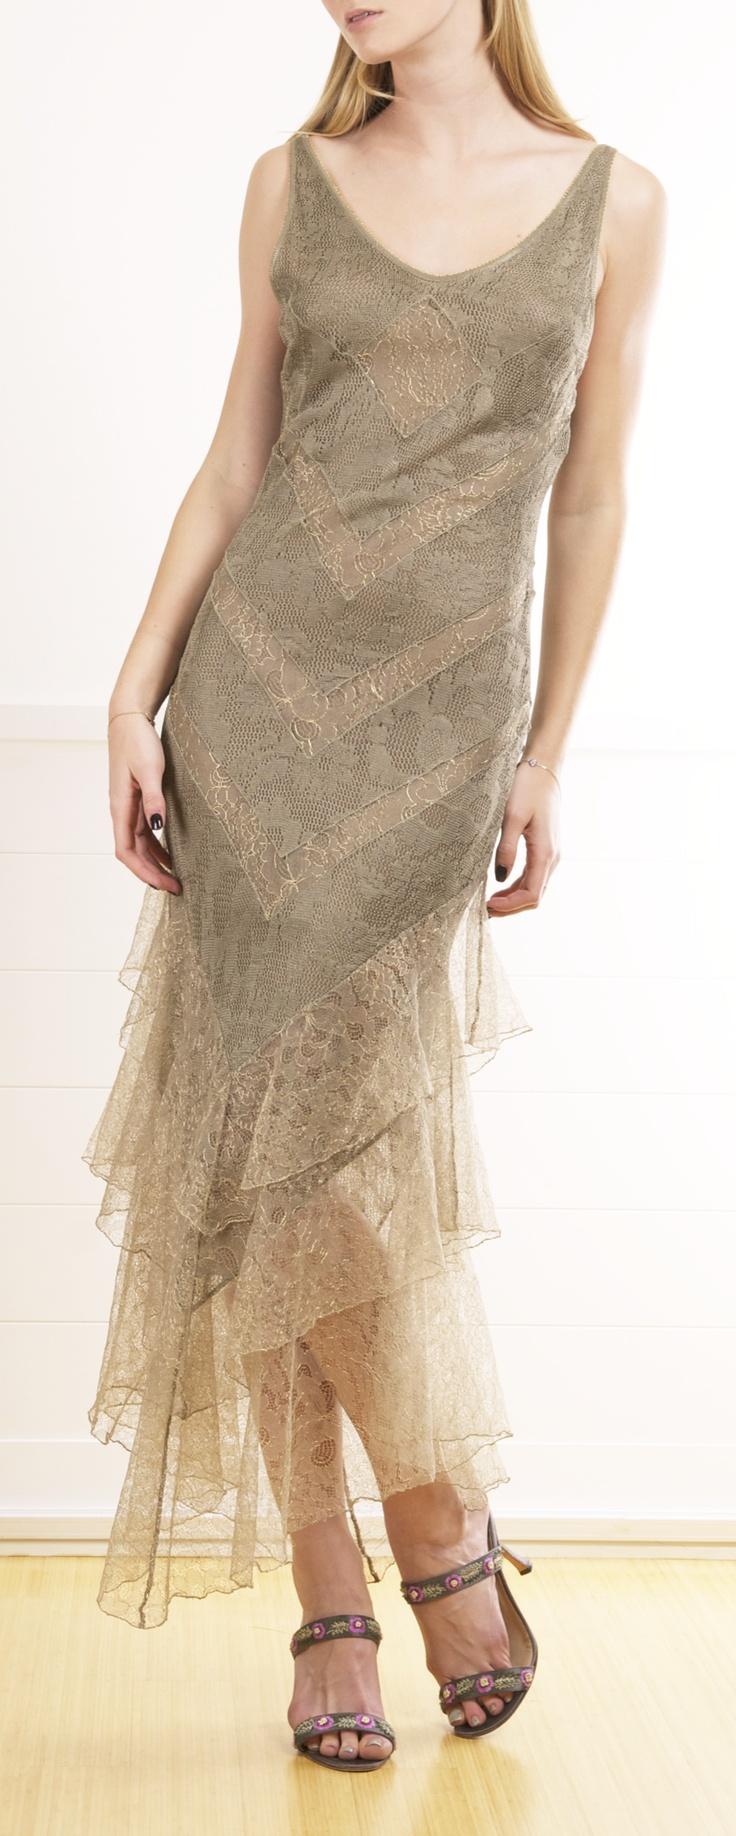 237 best Alexander McQueen Wedding Dresses images on ...